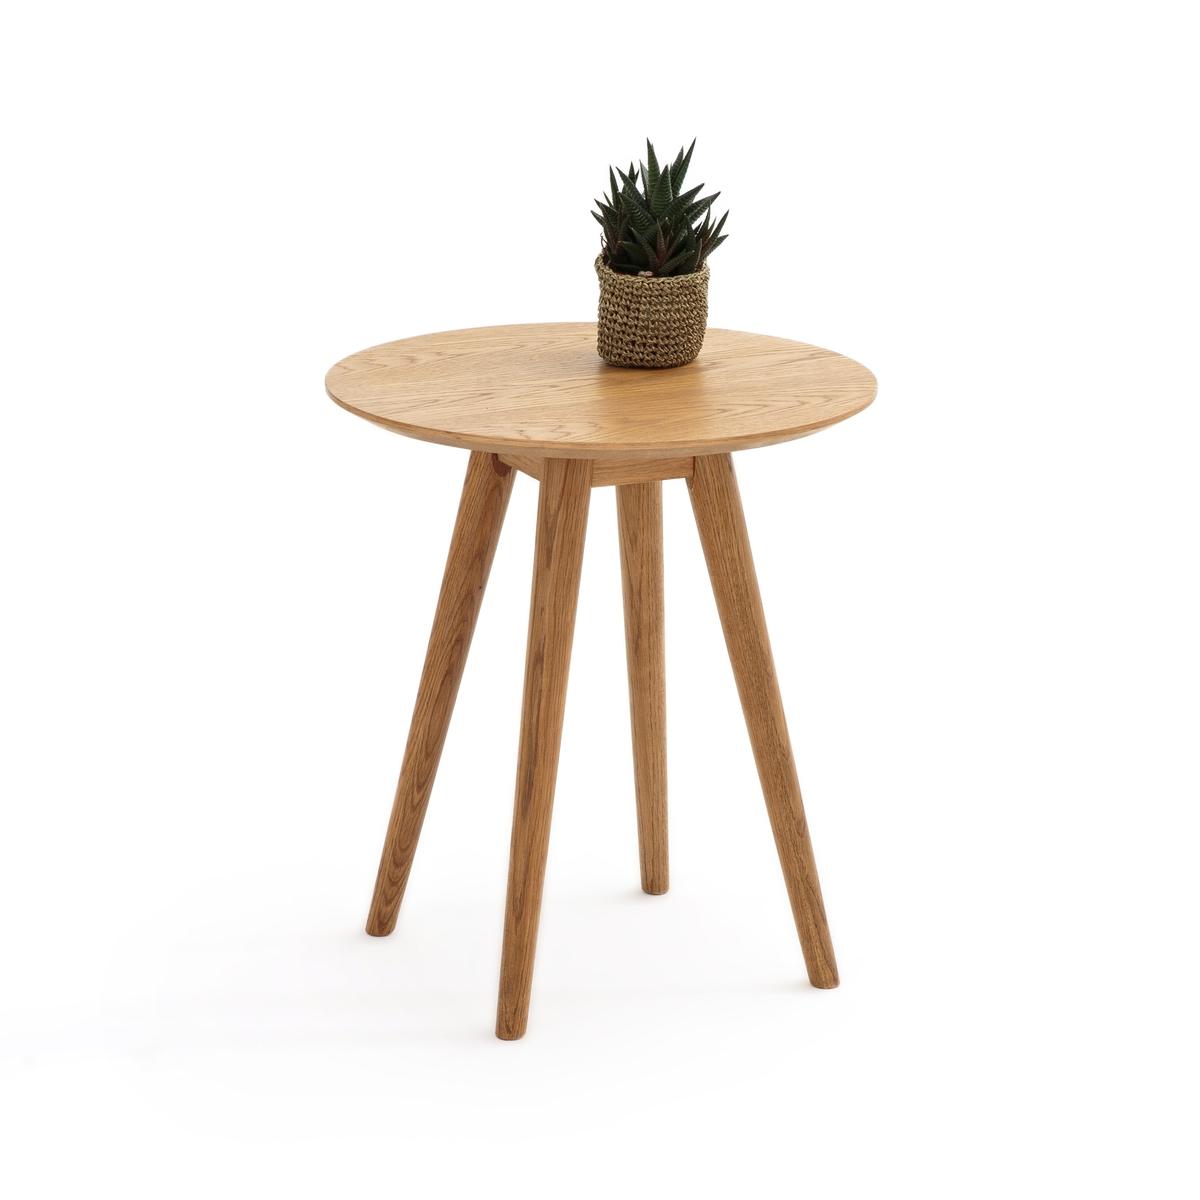 Столик La Redoute Журнальный из дуба QUILDA единый размер каштановый столик журнальный в винтажном стиле из обыкновенного дуба quilda